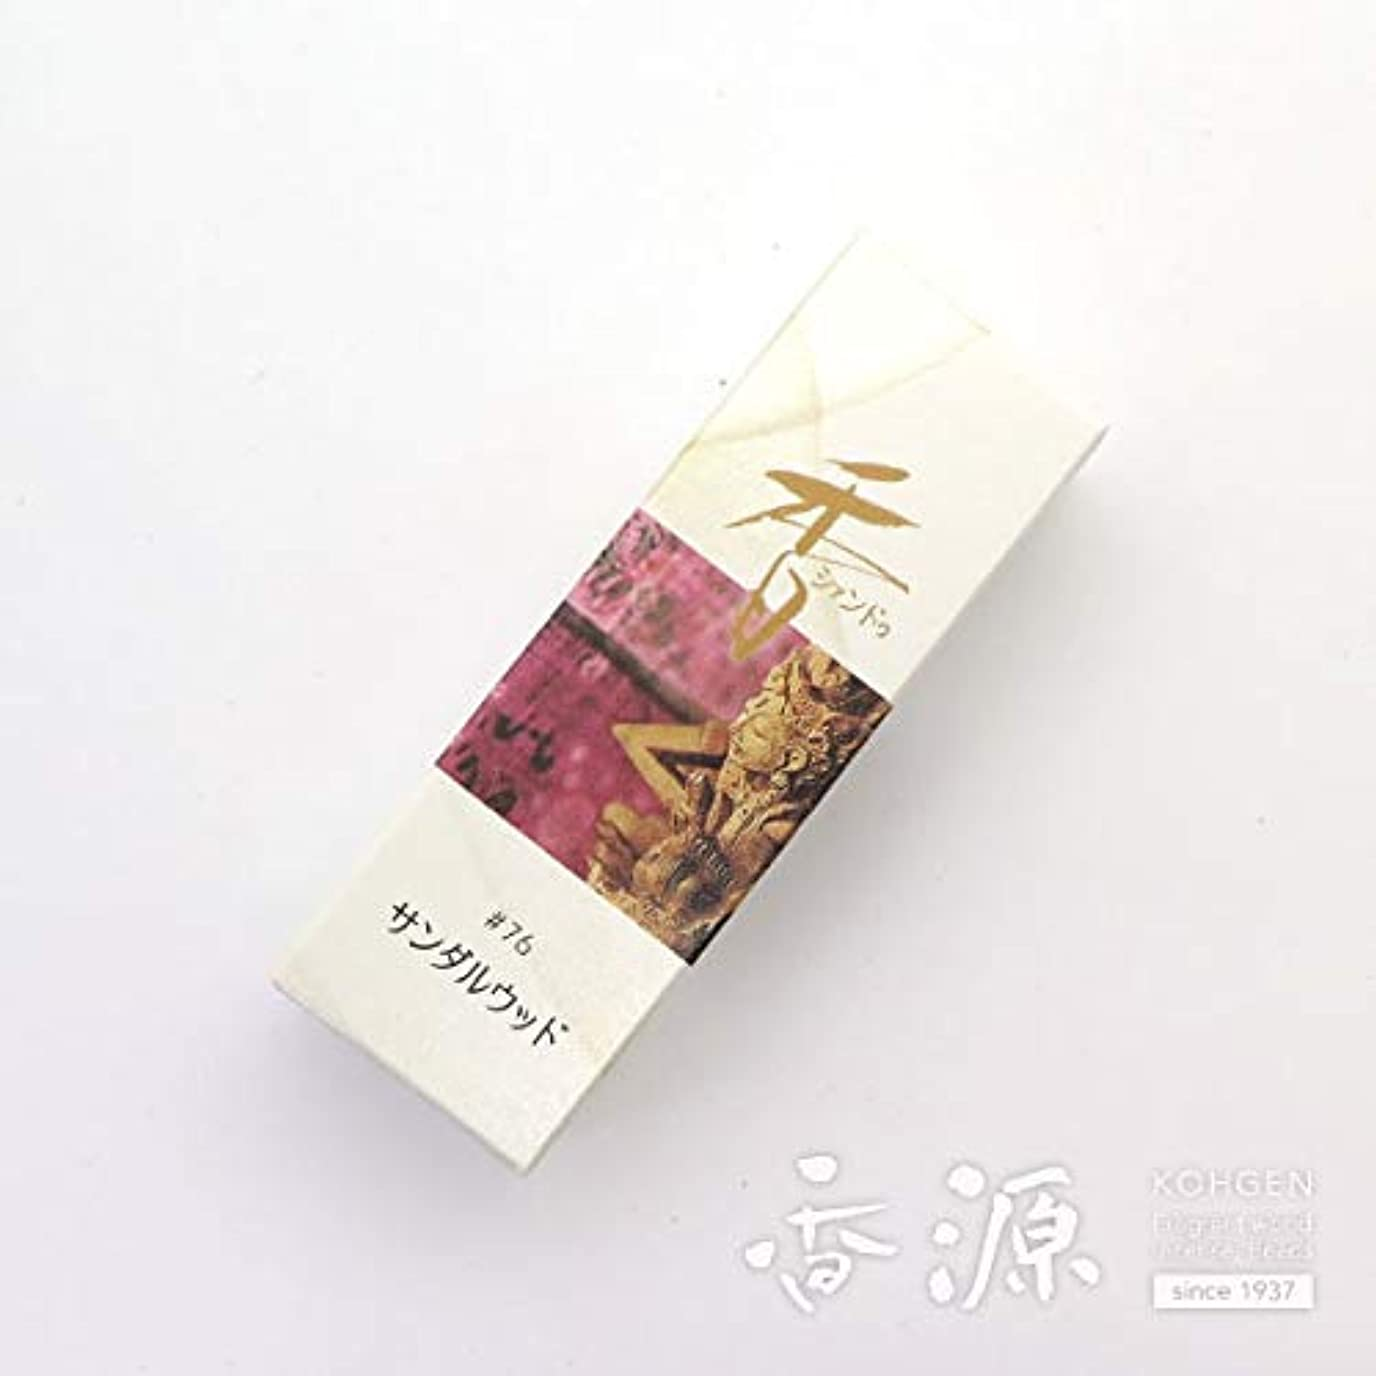 登場ヒゲ起きている松栄堂のお香 Xiang Do サンダルウッド ST20本入 簡易香立付 #214276